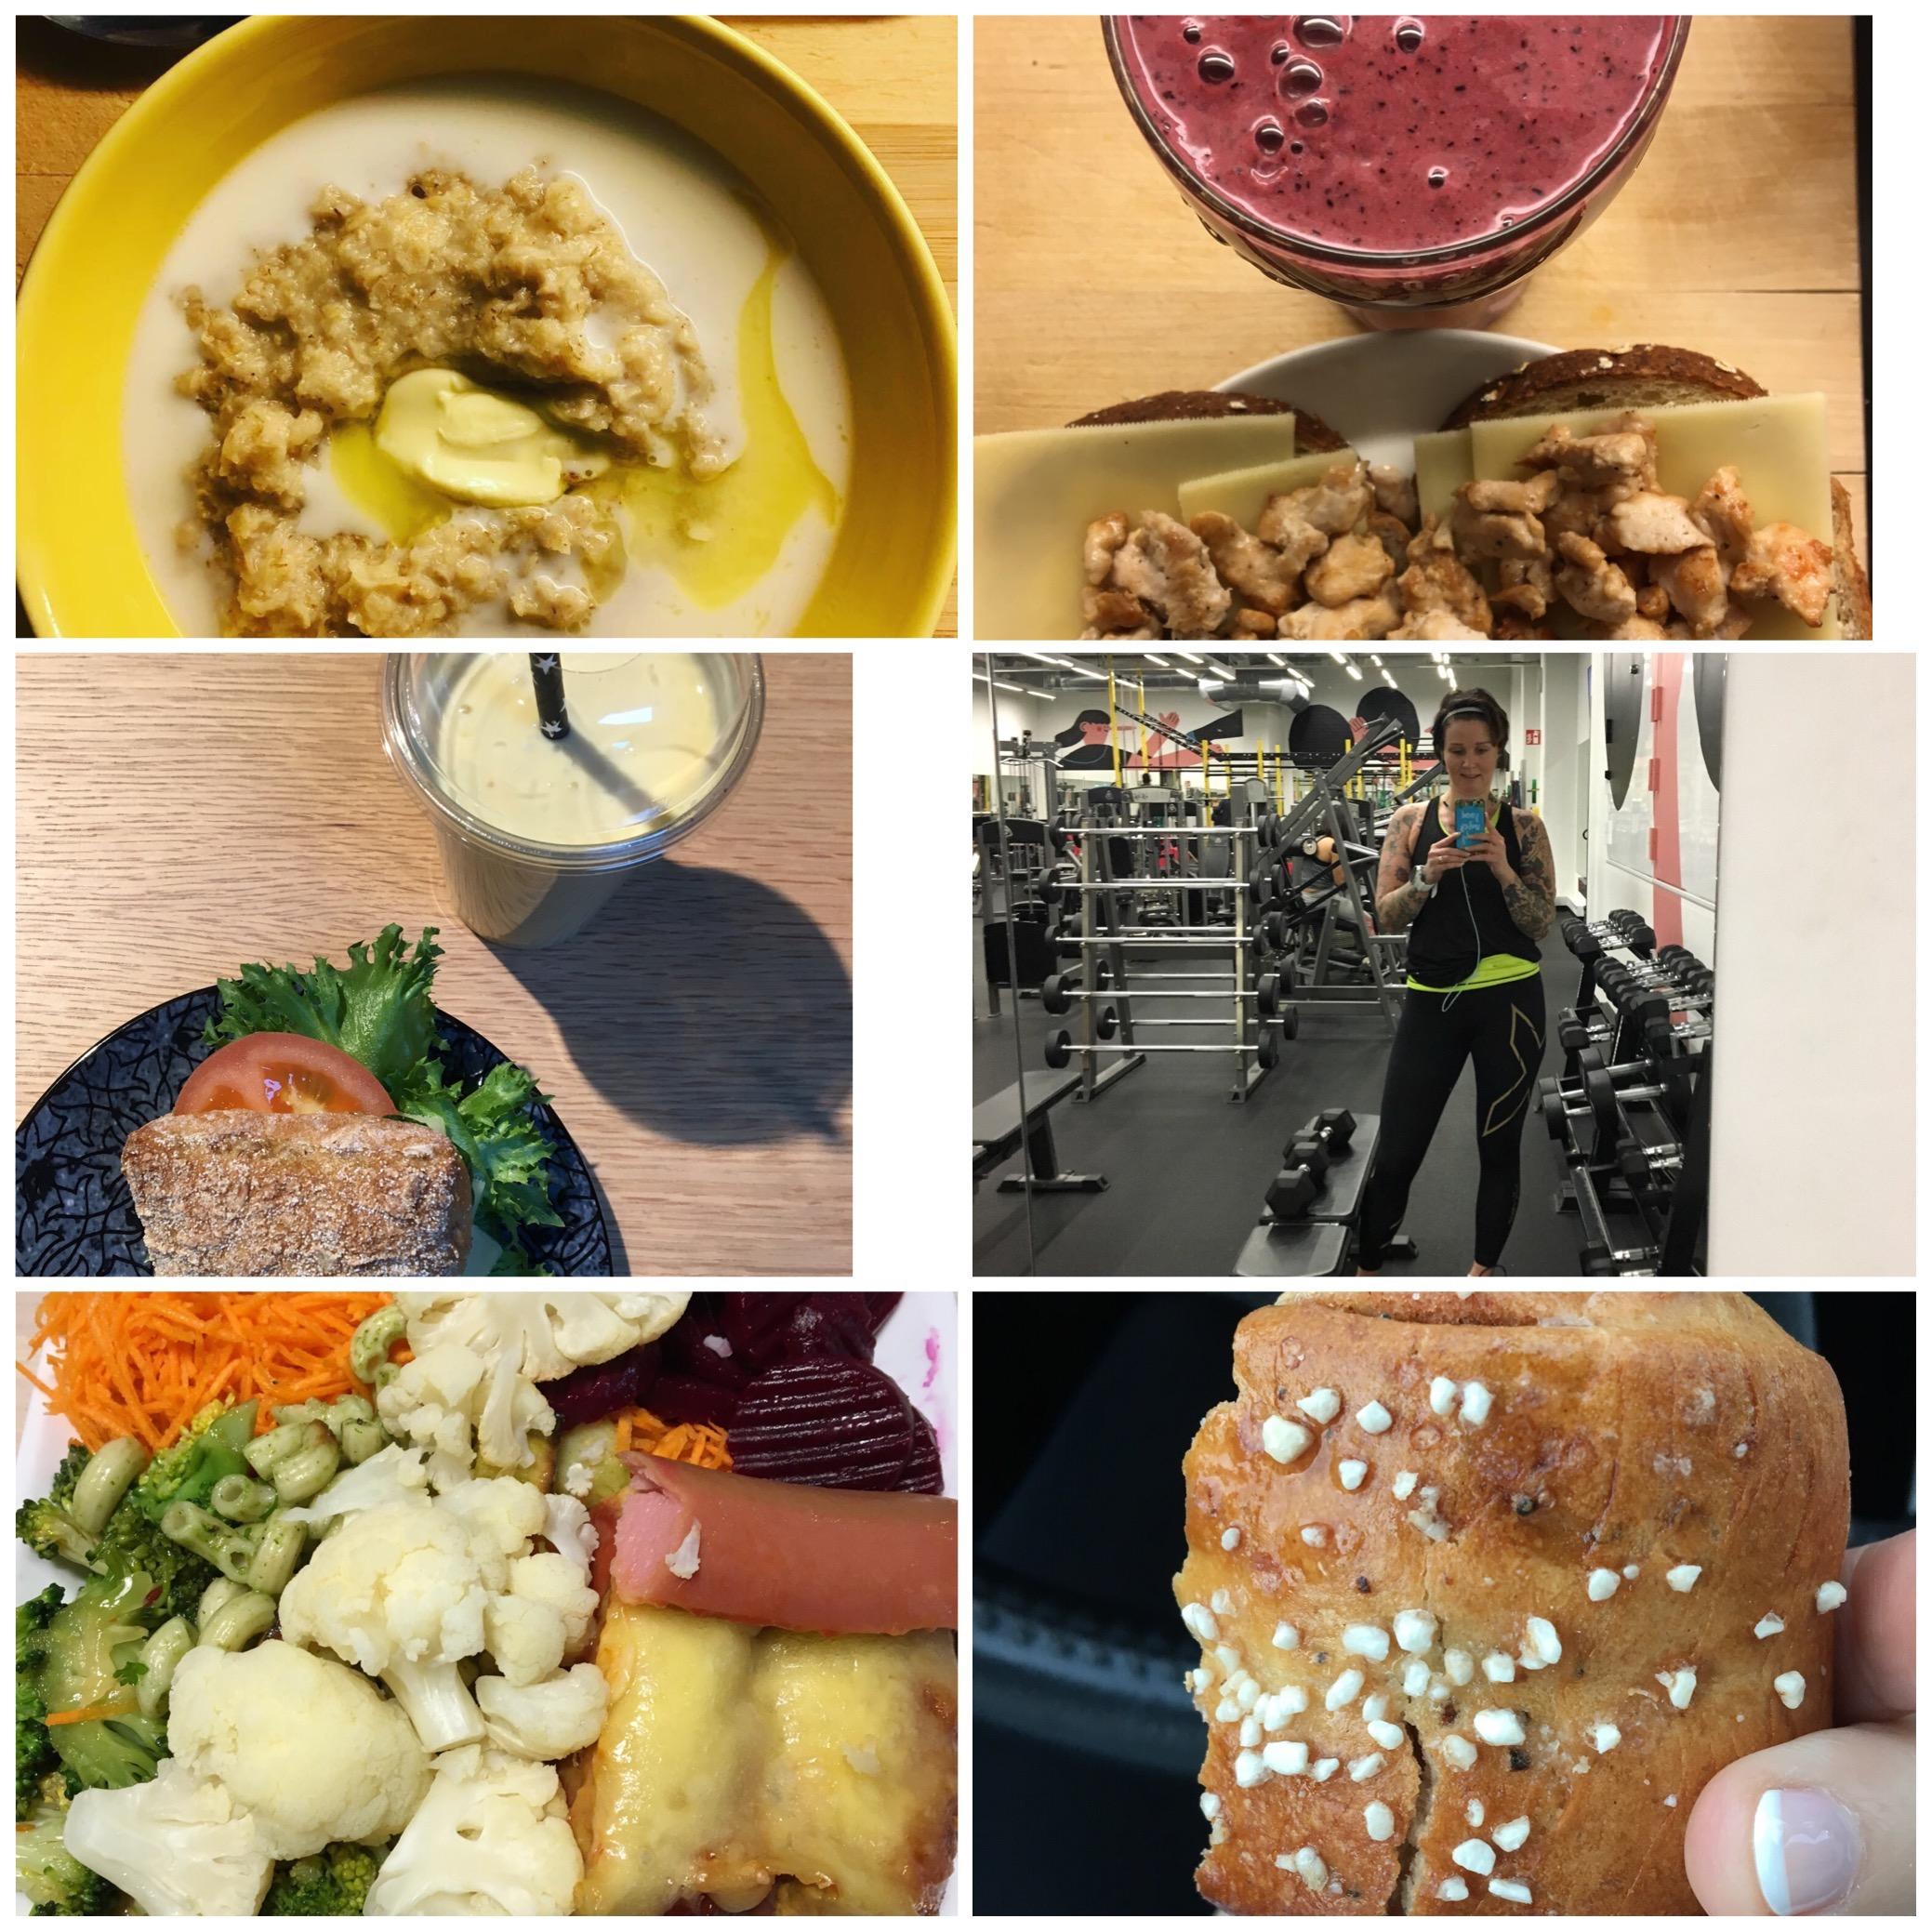 Ruokapäiväkirjan pitäminen avasi silmät – näin söin ja treenasin